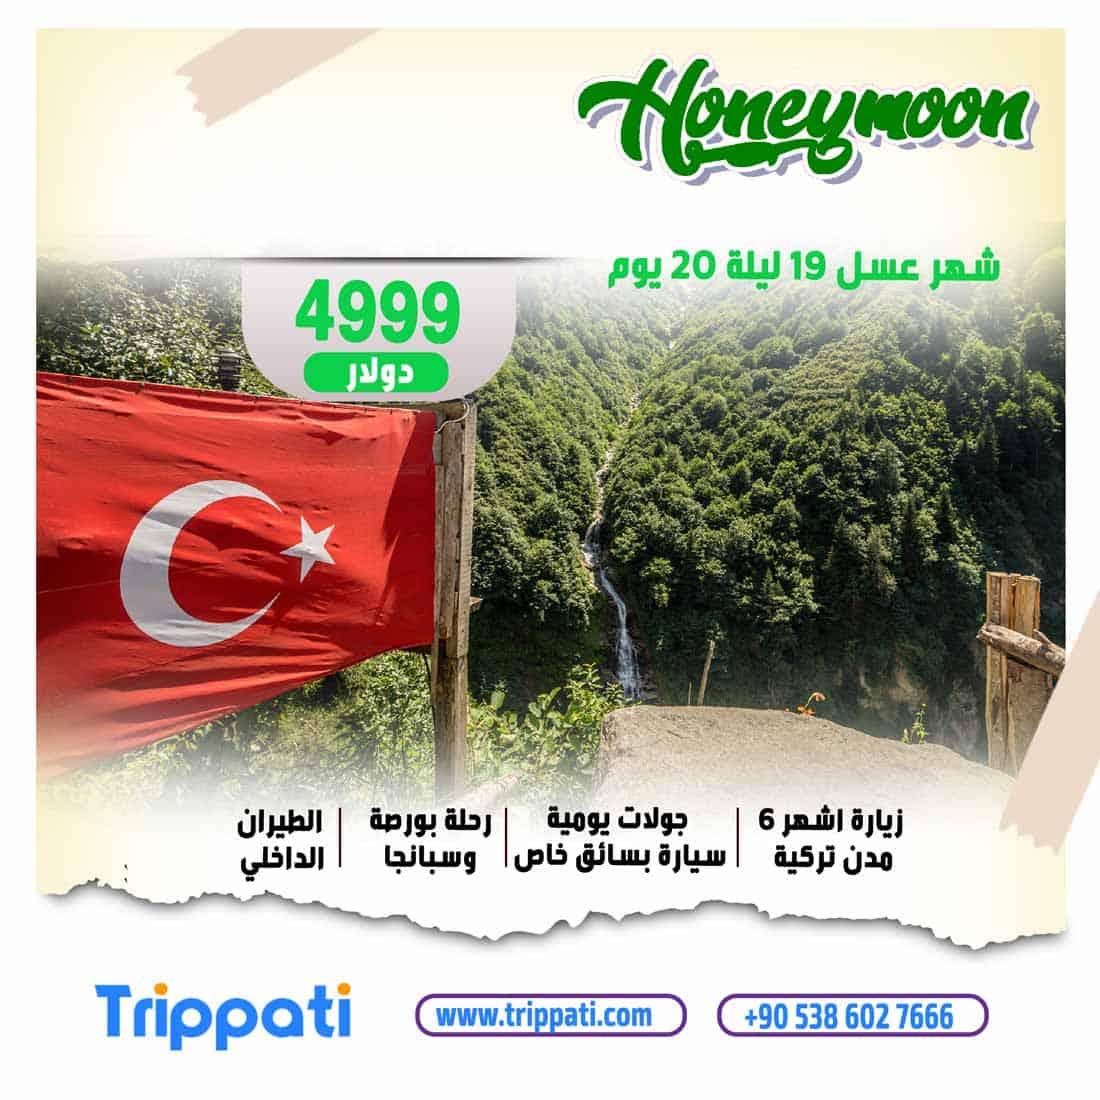 عروض تركيا شهر عسل 20 يوم